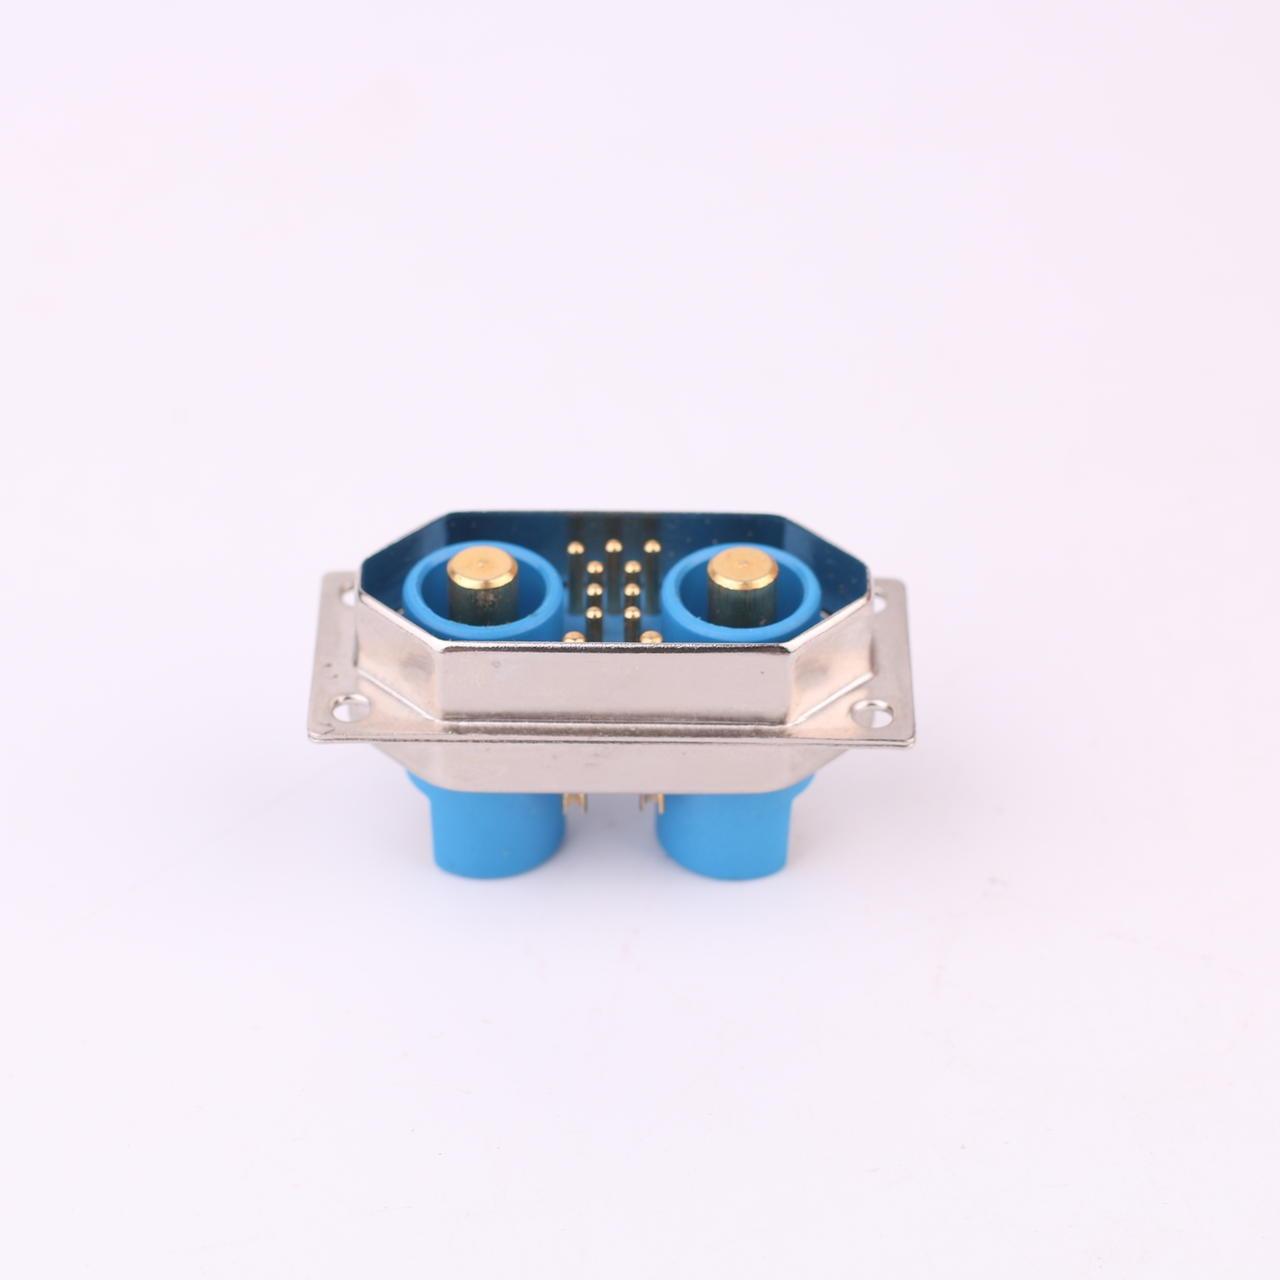 大電流連接器報價 東普電子 響應快速  可承受90A 電流